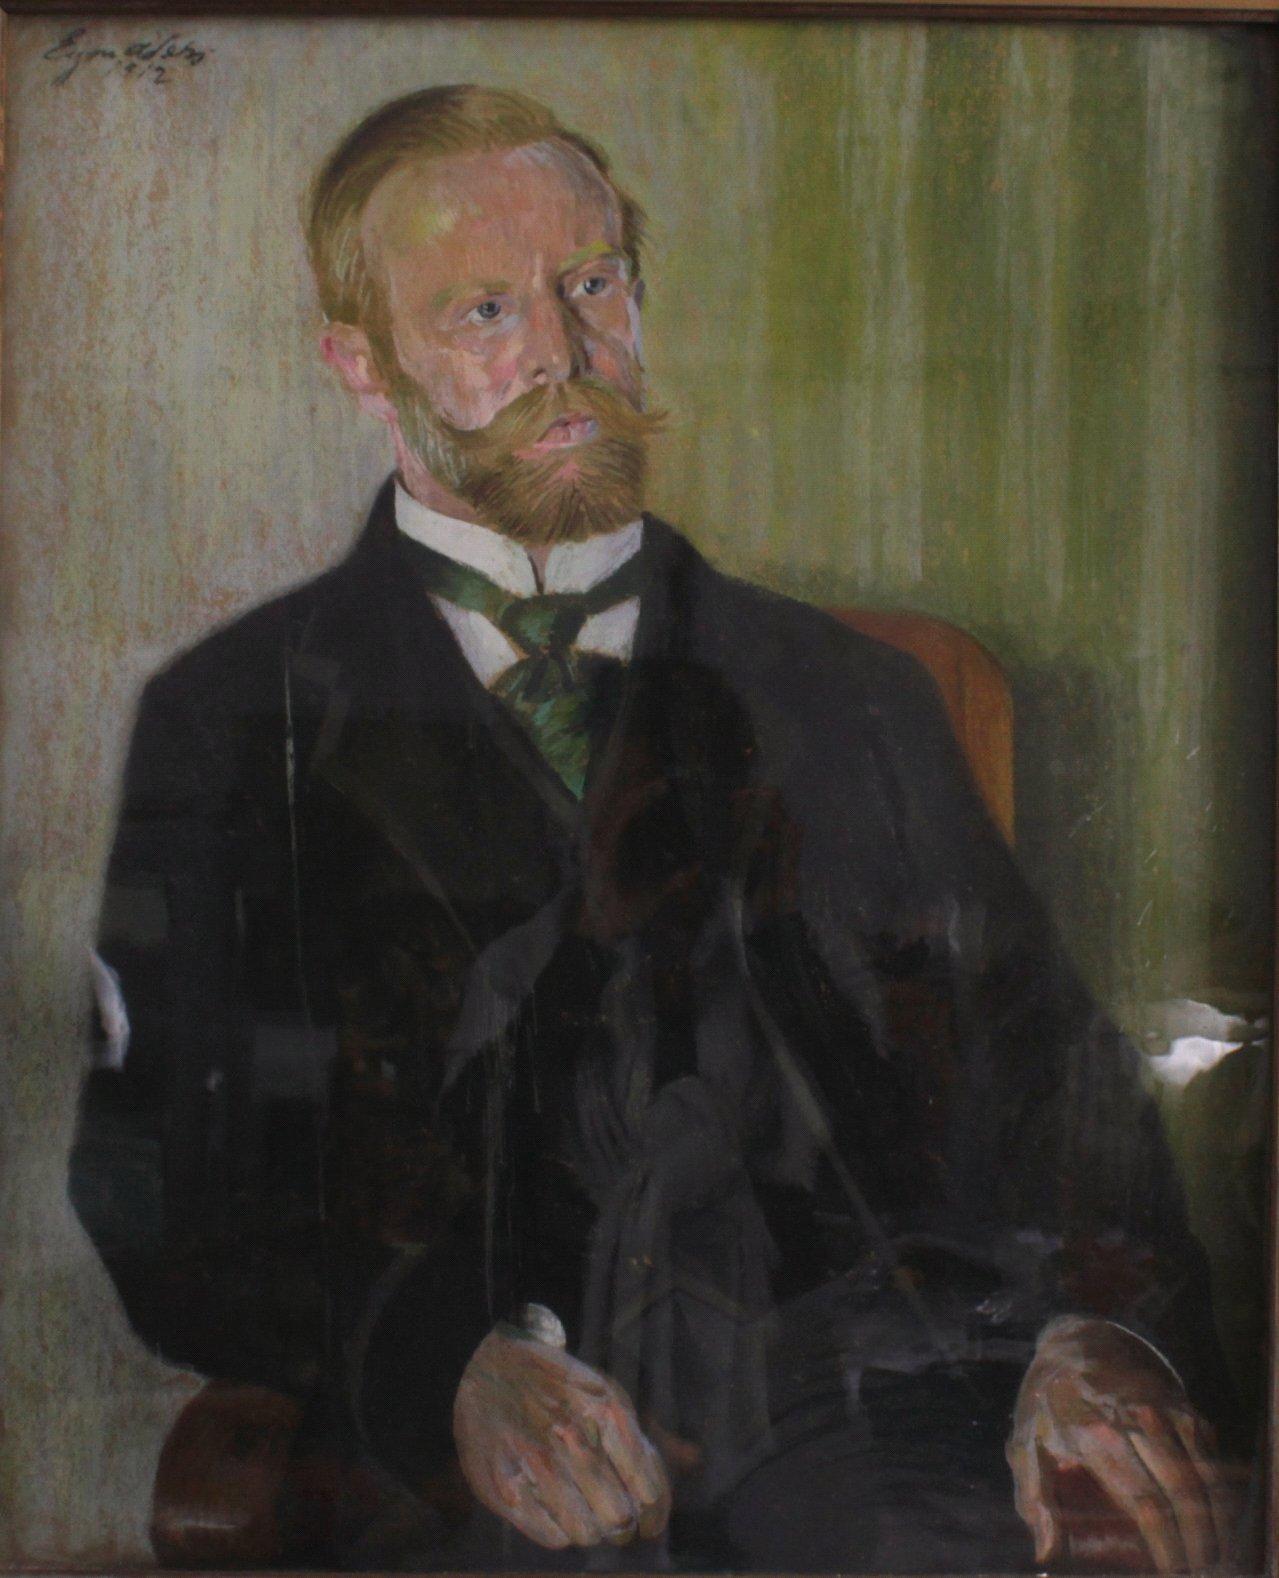 Herrenportrait von 1912-1